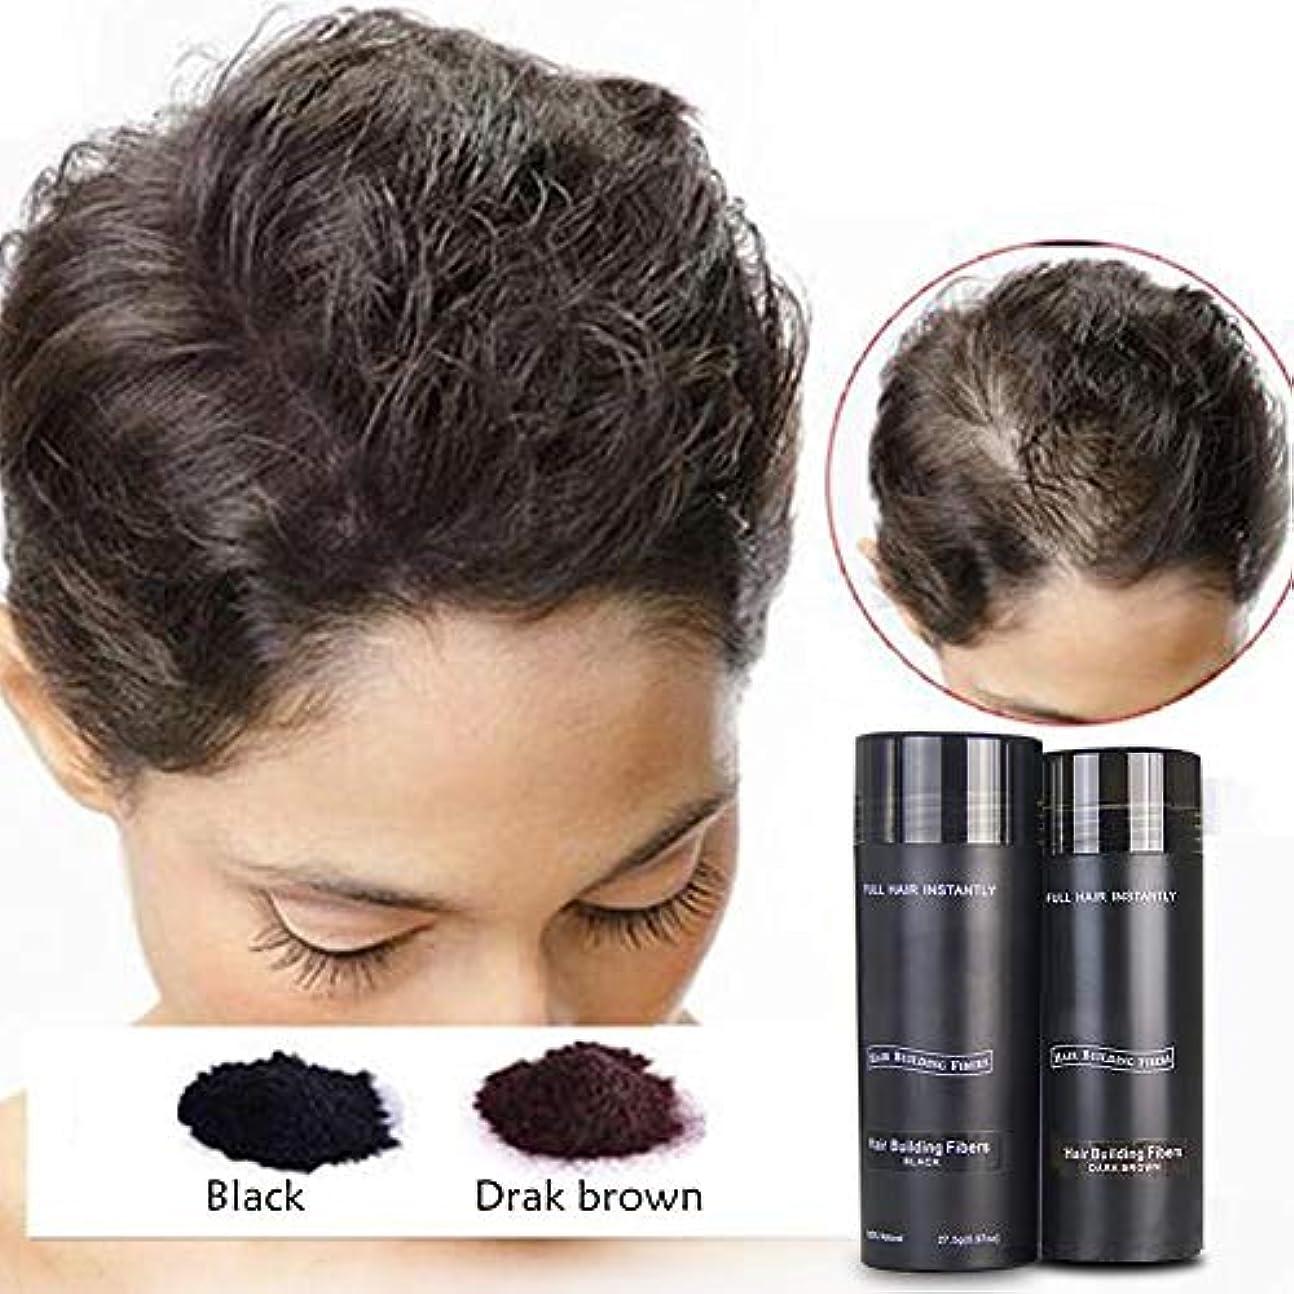 どちらも打倒エンゲージメント増毛ケア用品 ヘアパウダー ポンポンパウダー 毛髪発生繊維 静電吸着原理 男性と女性 毛髪をより自然で濃厚に見せます